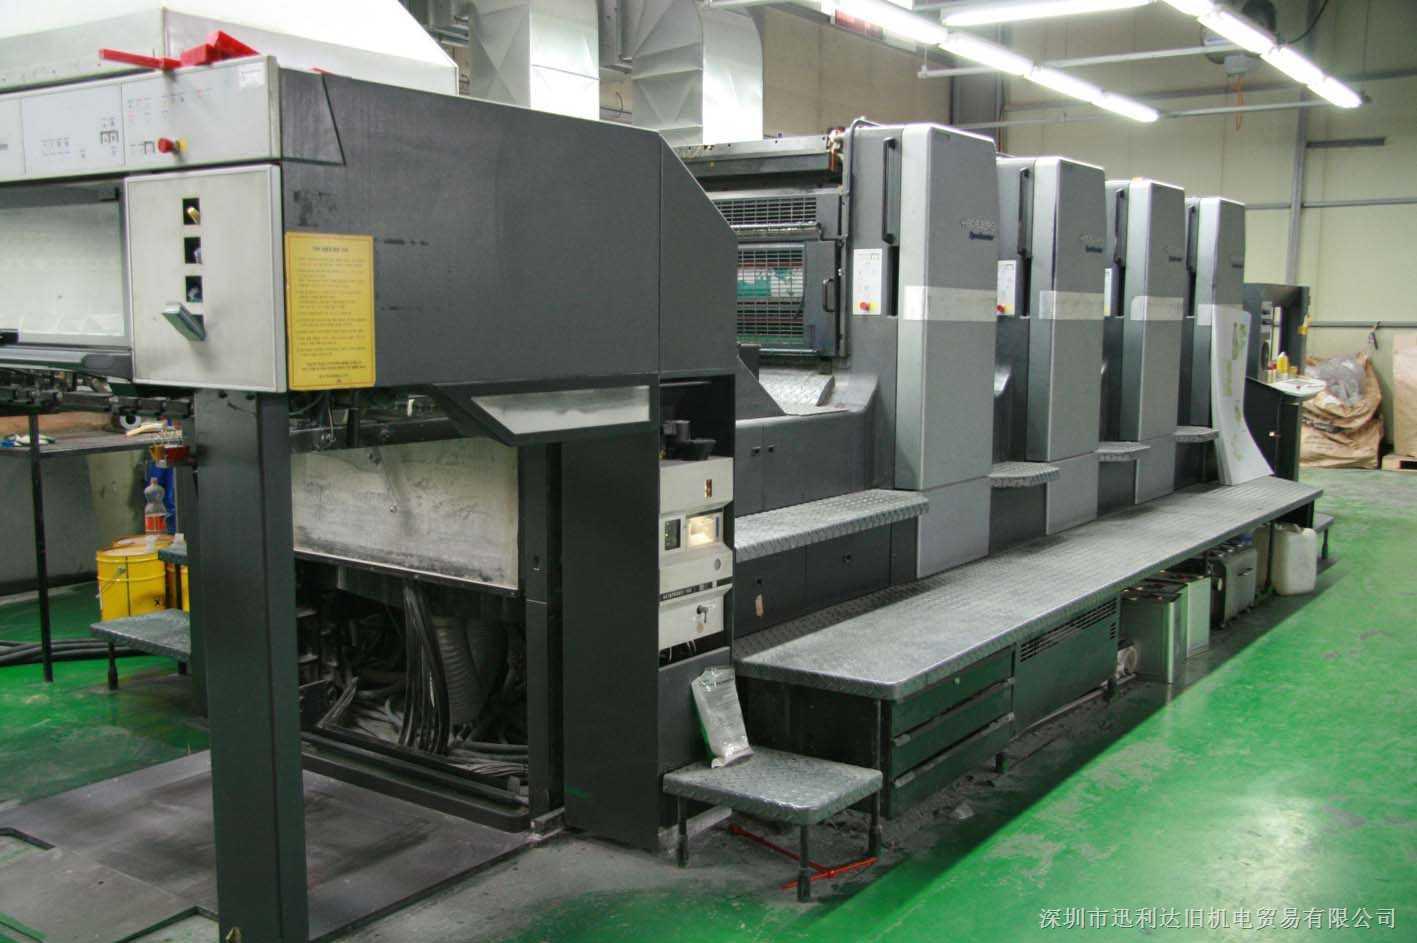 二手2000年海德堡CD102-4印刷機